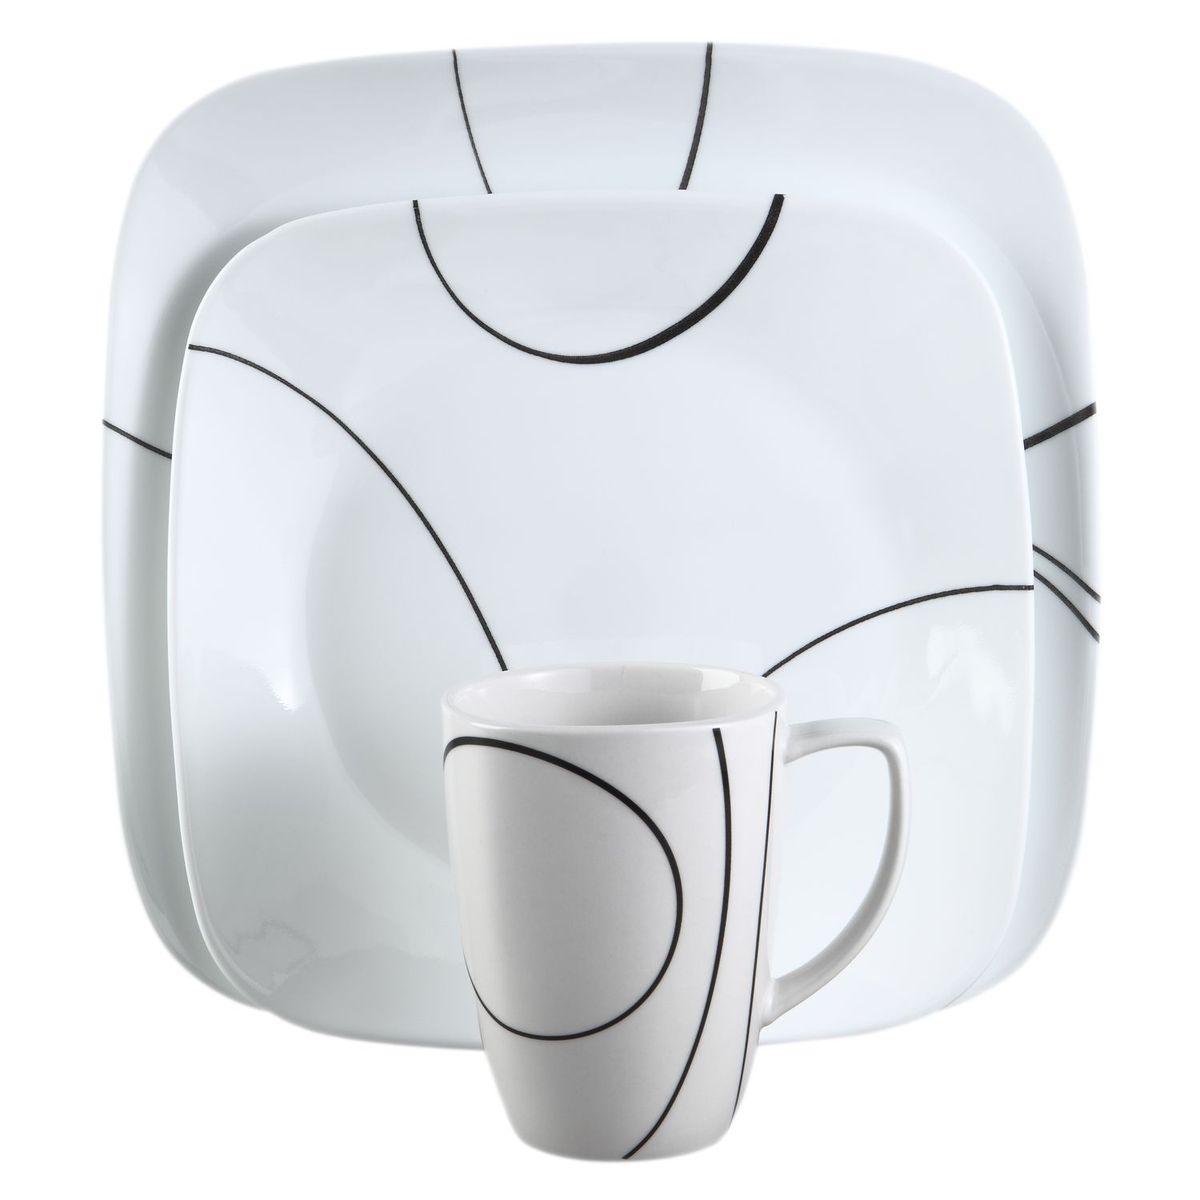 Набор посуды Simple Lines 16пр, цвет: белый с узоромFS-91909Преимуществами посуды Corelle являются долговечность, красота и безопасность в использовании. Вся посуда Corelle изготавливается из высококачественного ударопрочного трехслойного стекла Vitrelle и украшена деколями американских и европейских дизайнеров. Рисунки не стираются и не царапаются, не теряют свою яркость на протяжении многих лет. Посуда Corelle не впитывает запахов и очень долгое время выглядит как новая. Уникальная эмаль, используемая во время декорирования, фактически становится единым целым с поверхностью стекла, что гарантирует долгое сохранение нанесенного рисунка. Еще одним из главных преимуществ посуды Corelle является ее безопасность. В производстве используются только безопасные для пищи пигменты эмали, при производстве посуды не применяется вредный для здоровья человека меламин. Изделия из материала Vitrelle: Прочные и легкие; Выдерживают температуру до 180С; Могут использоваться в посудомоечной машине и микроволновой печи; Штабелируемые; Устойчивы к царапинам; Ударопрочные; Не содержит меламин.4 обеденные тарелки 26 см; 4 закусочные тарелки 22 см; 4 суповые тарелки 650 мл; 4 фарфоровые кружки 350 мл